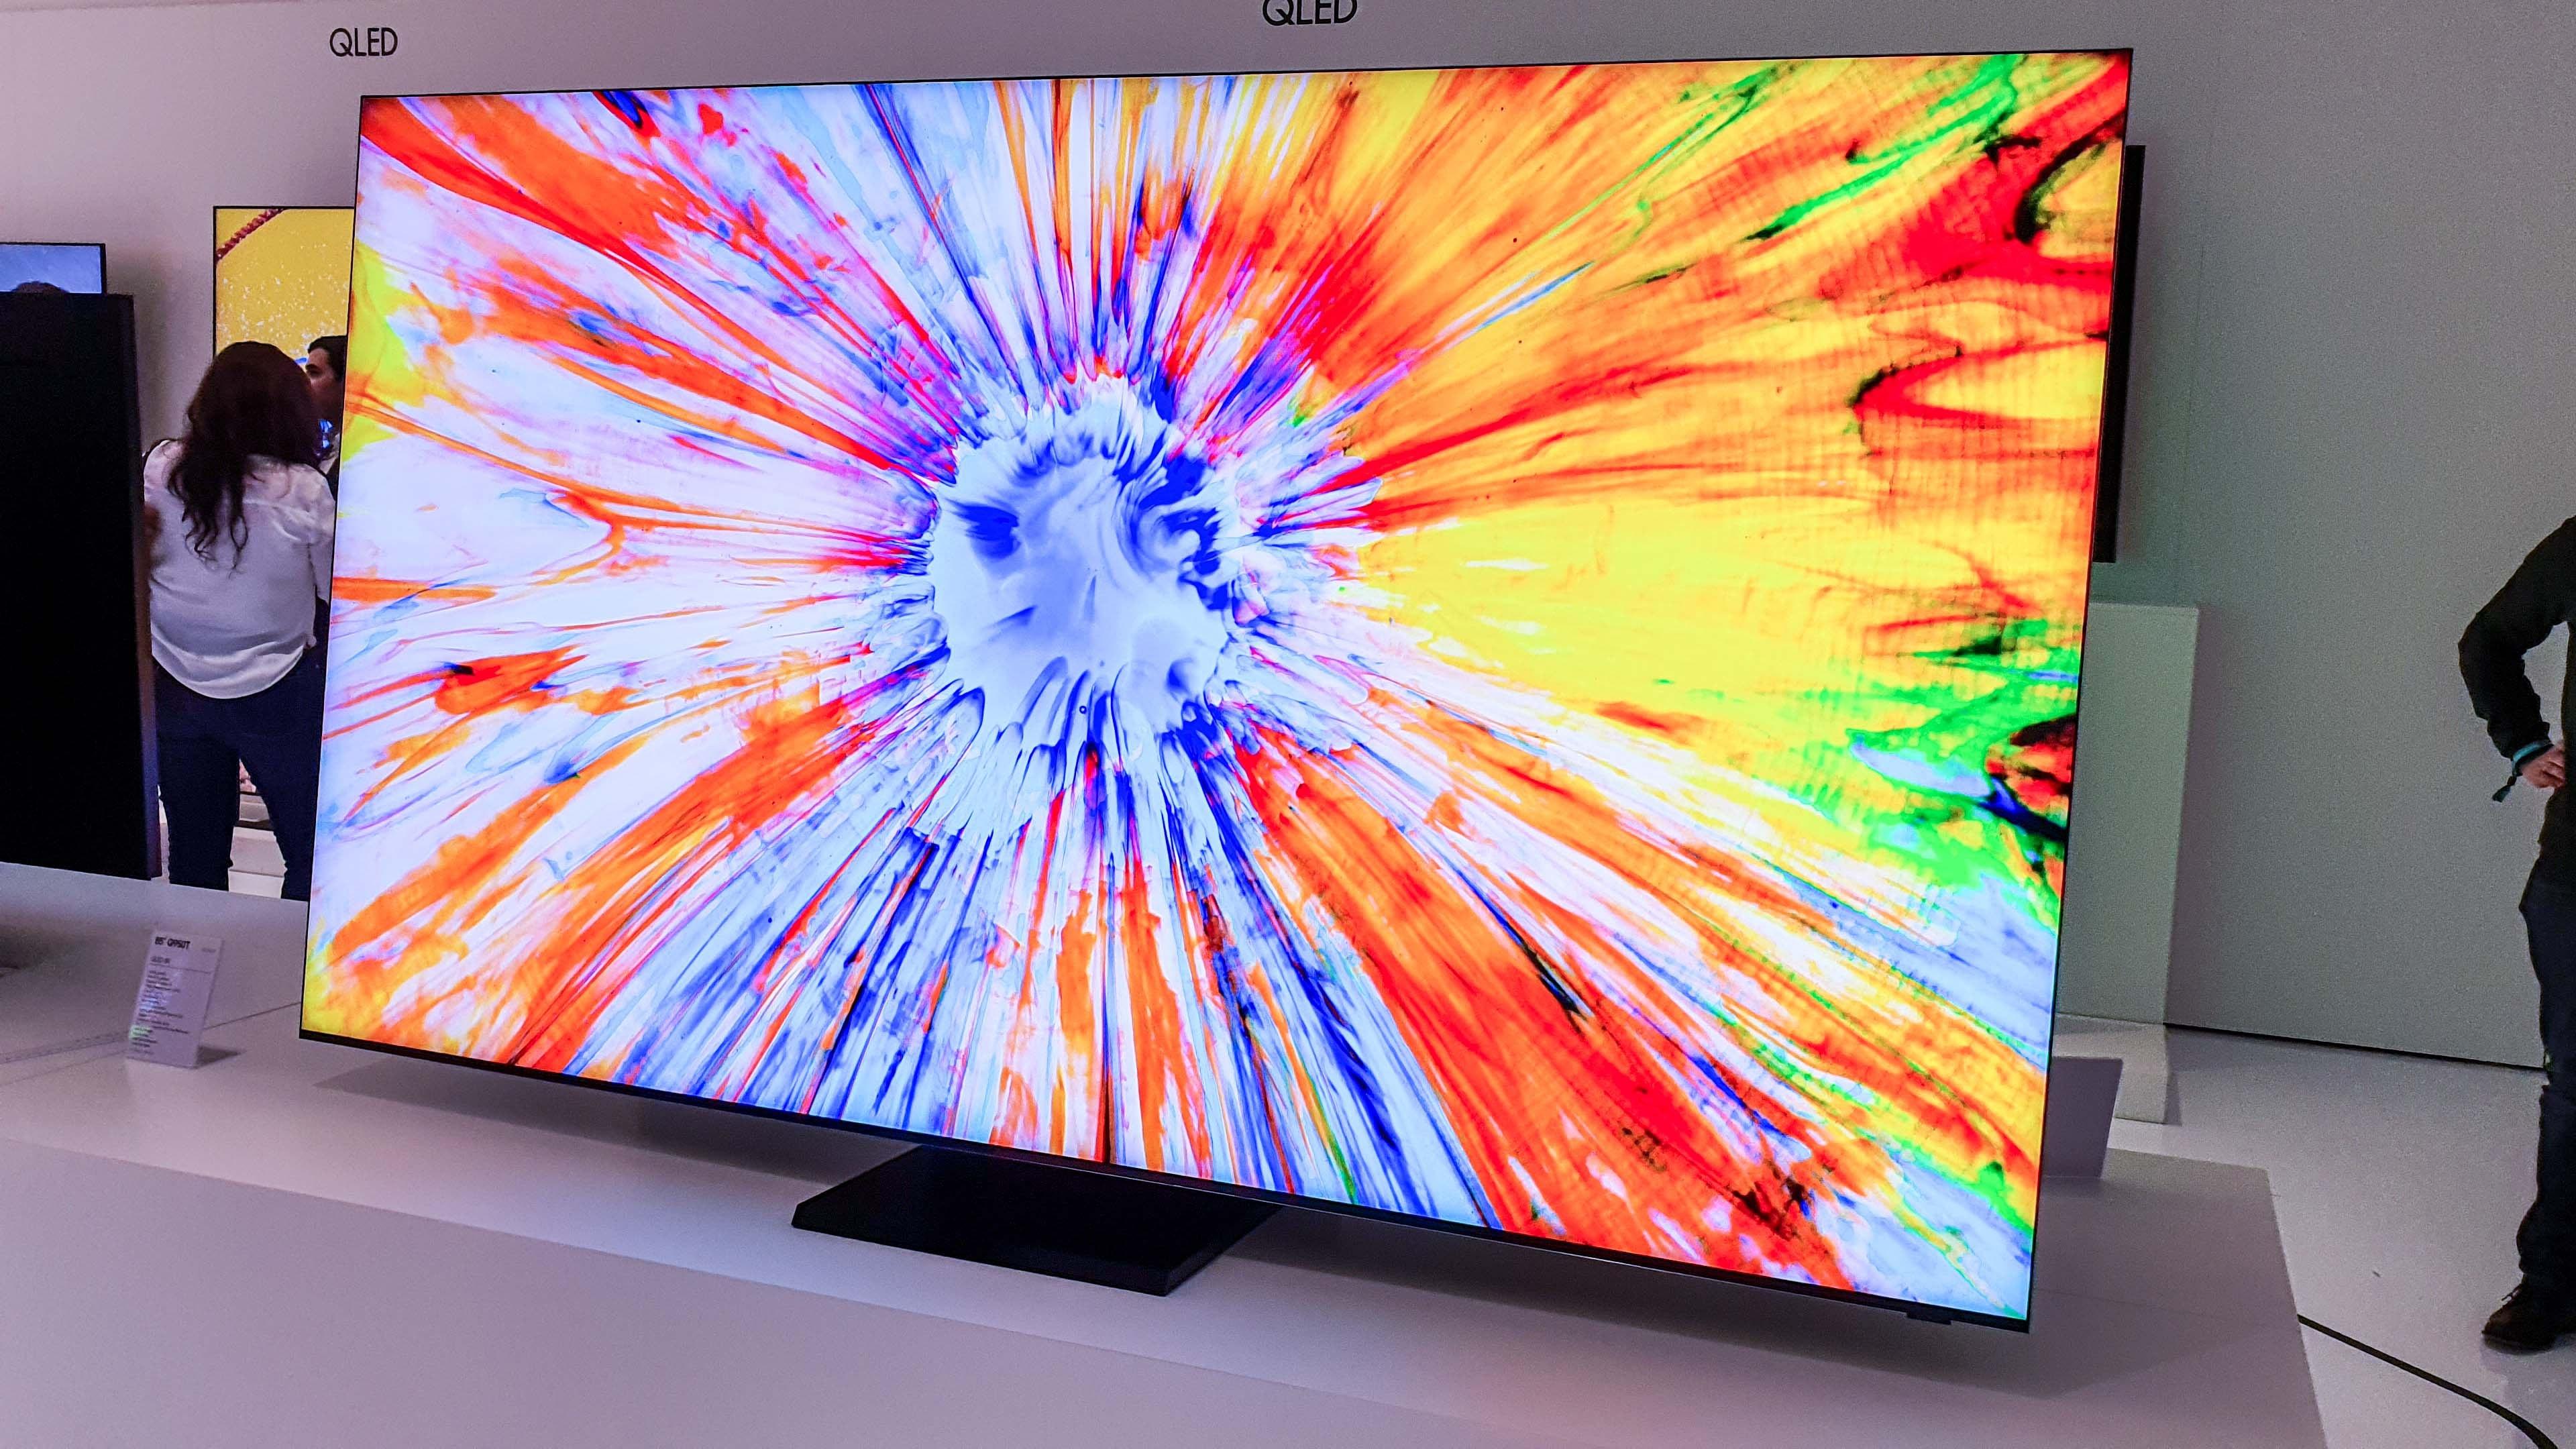 Samsung TV 8K, on connaît désormais les prix de toute la gamme 2020